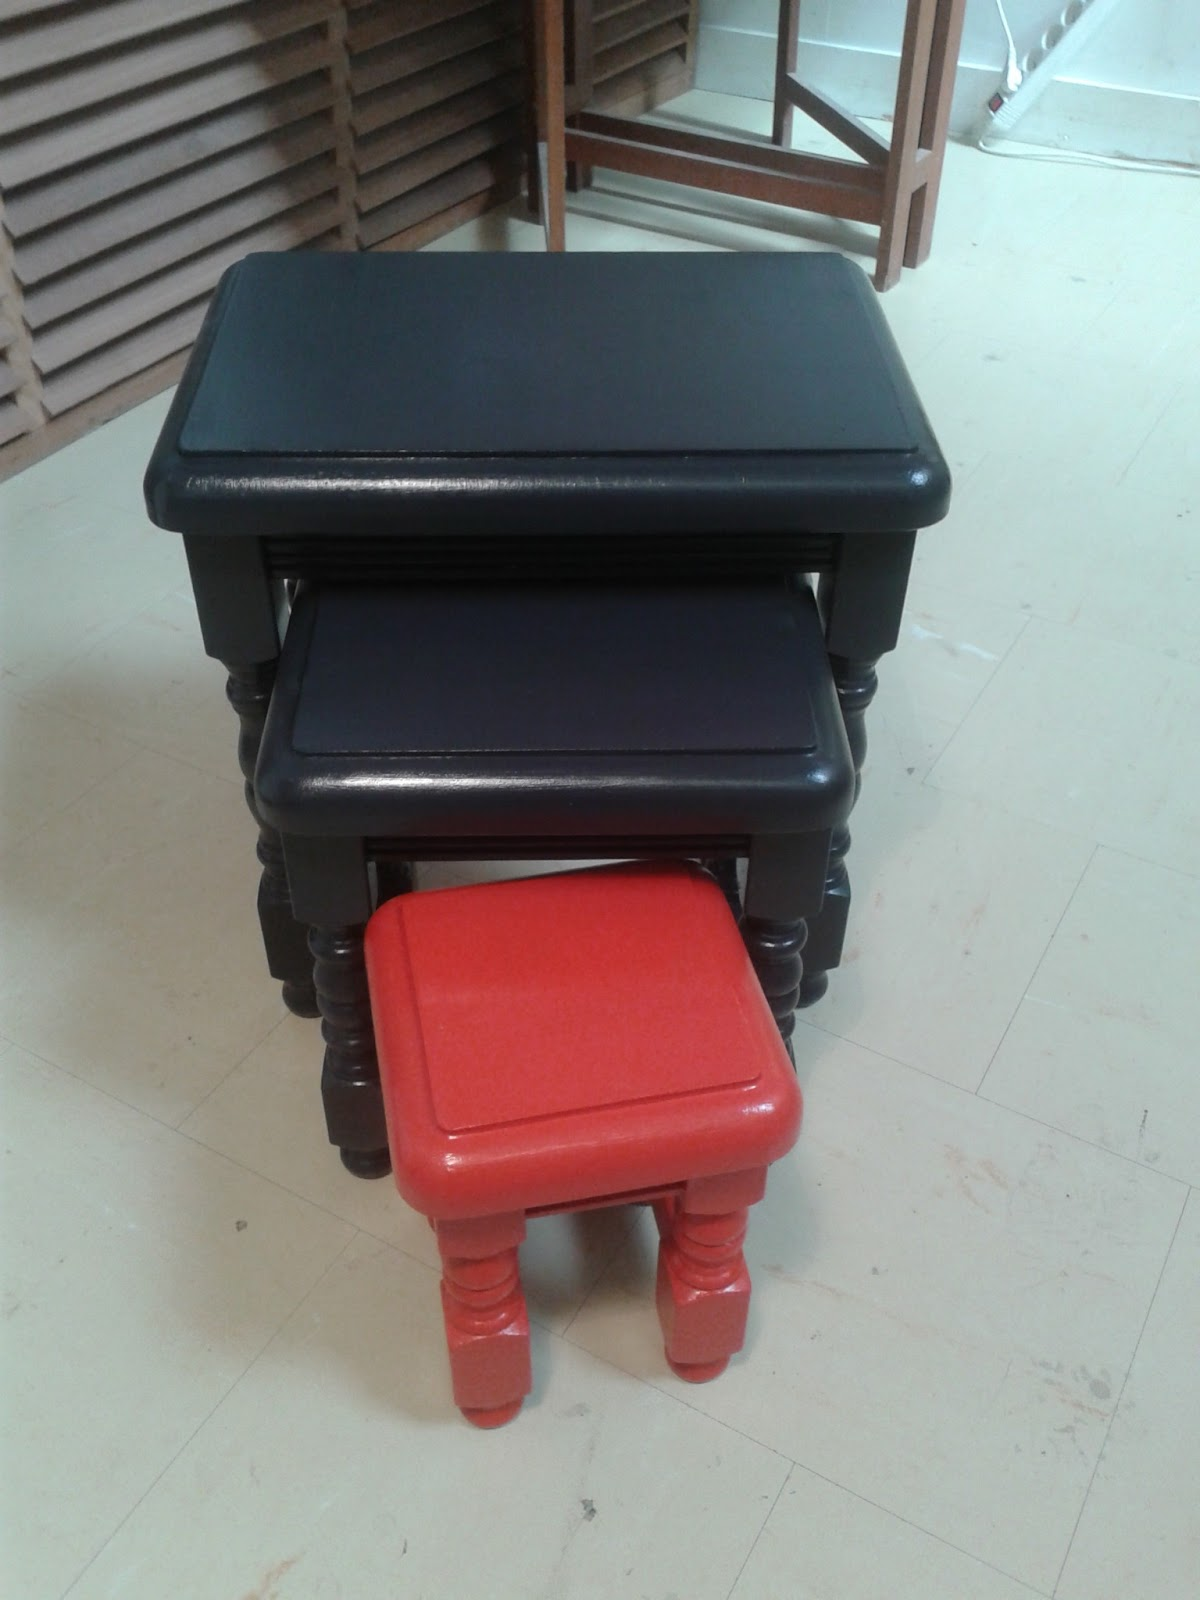 peinture sur meuble vernis application directe sans pon age ni d capage cours de. Black Bedroom Furniture Sets. Home Design Ideas